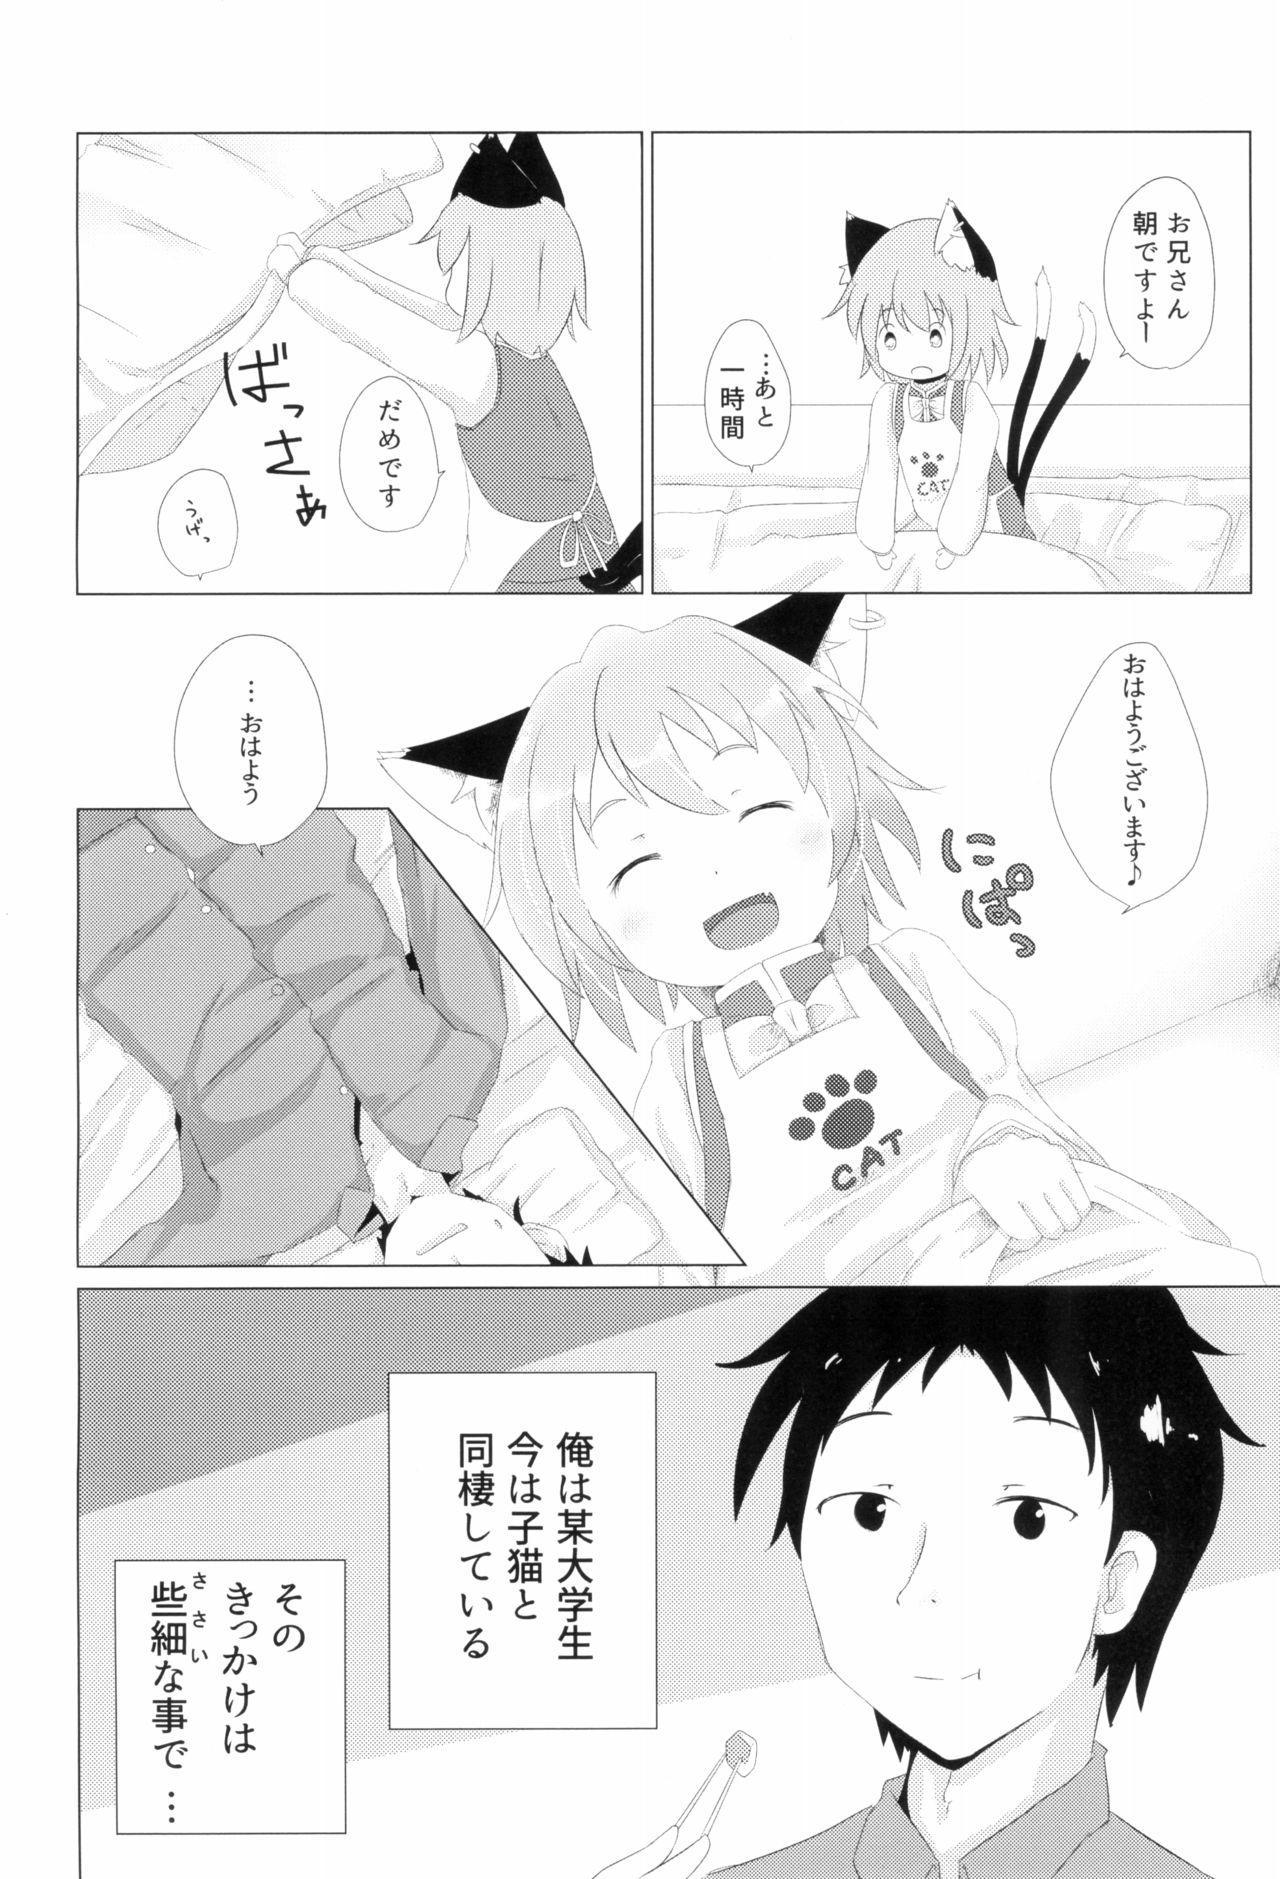 Koneko no Yomeiri 3